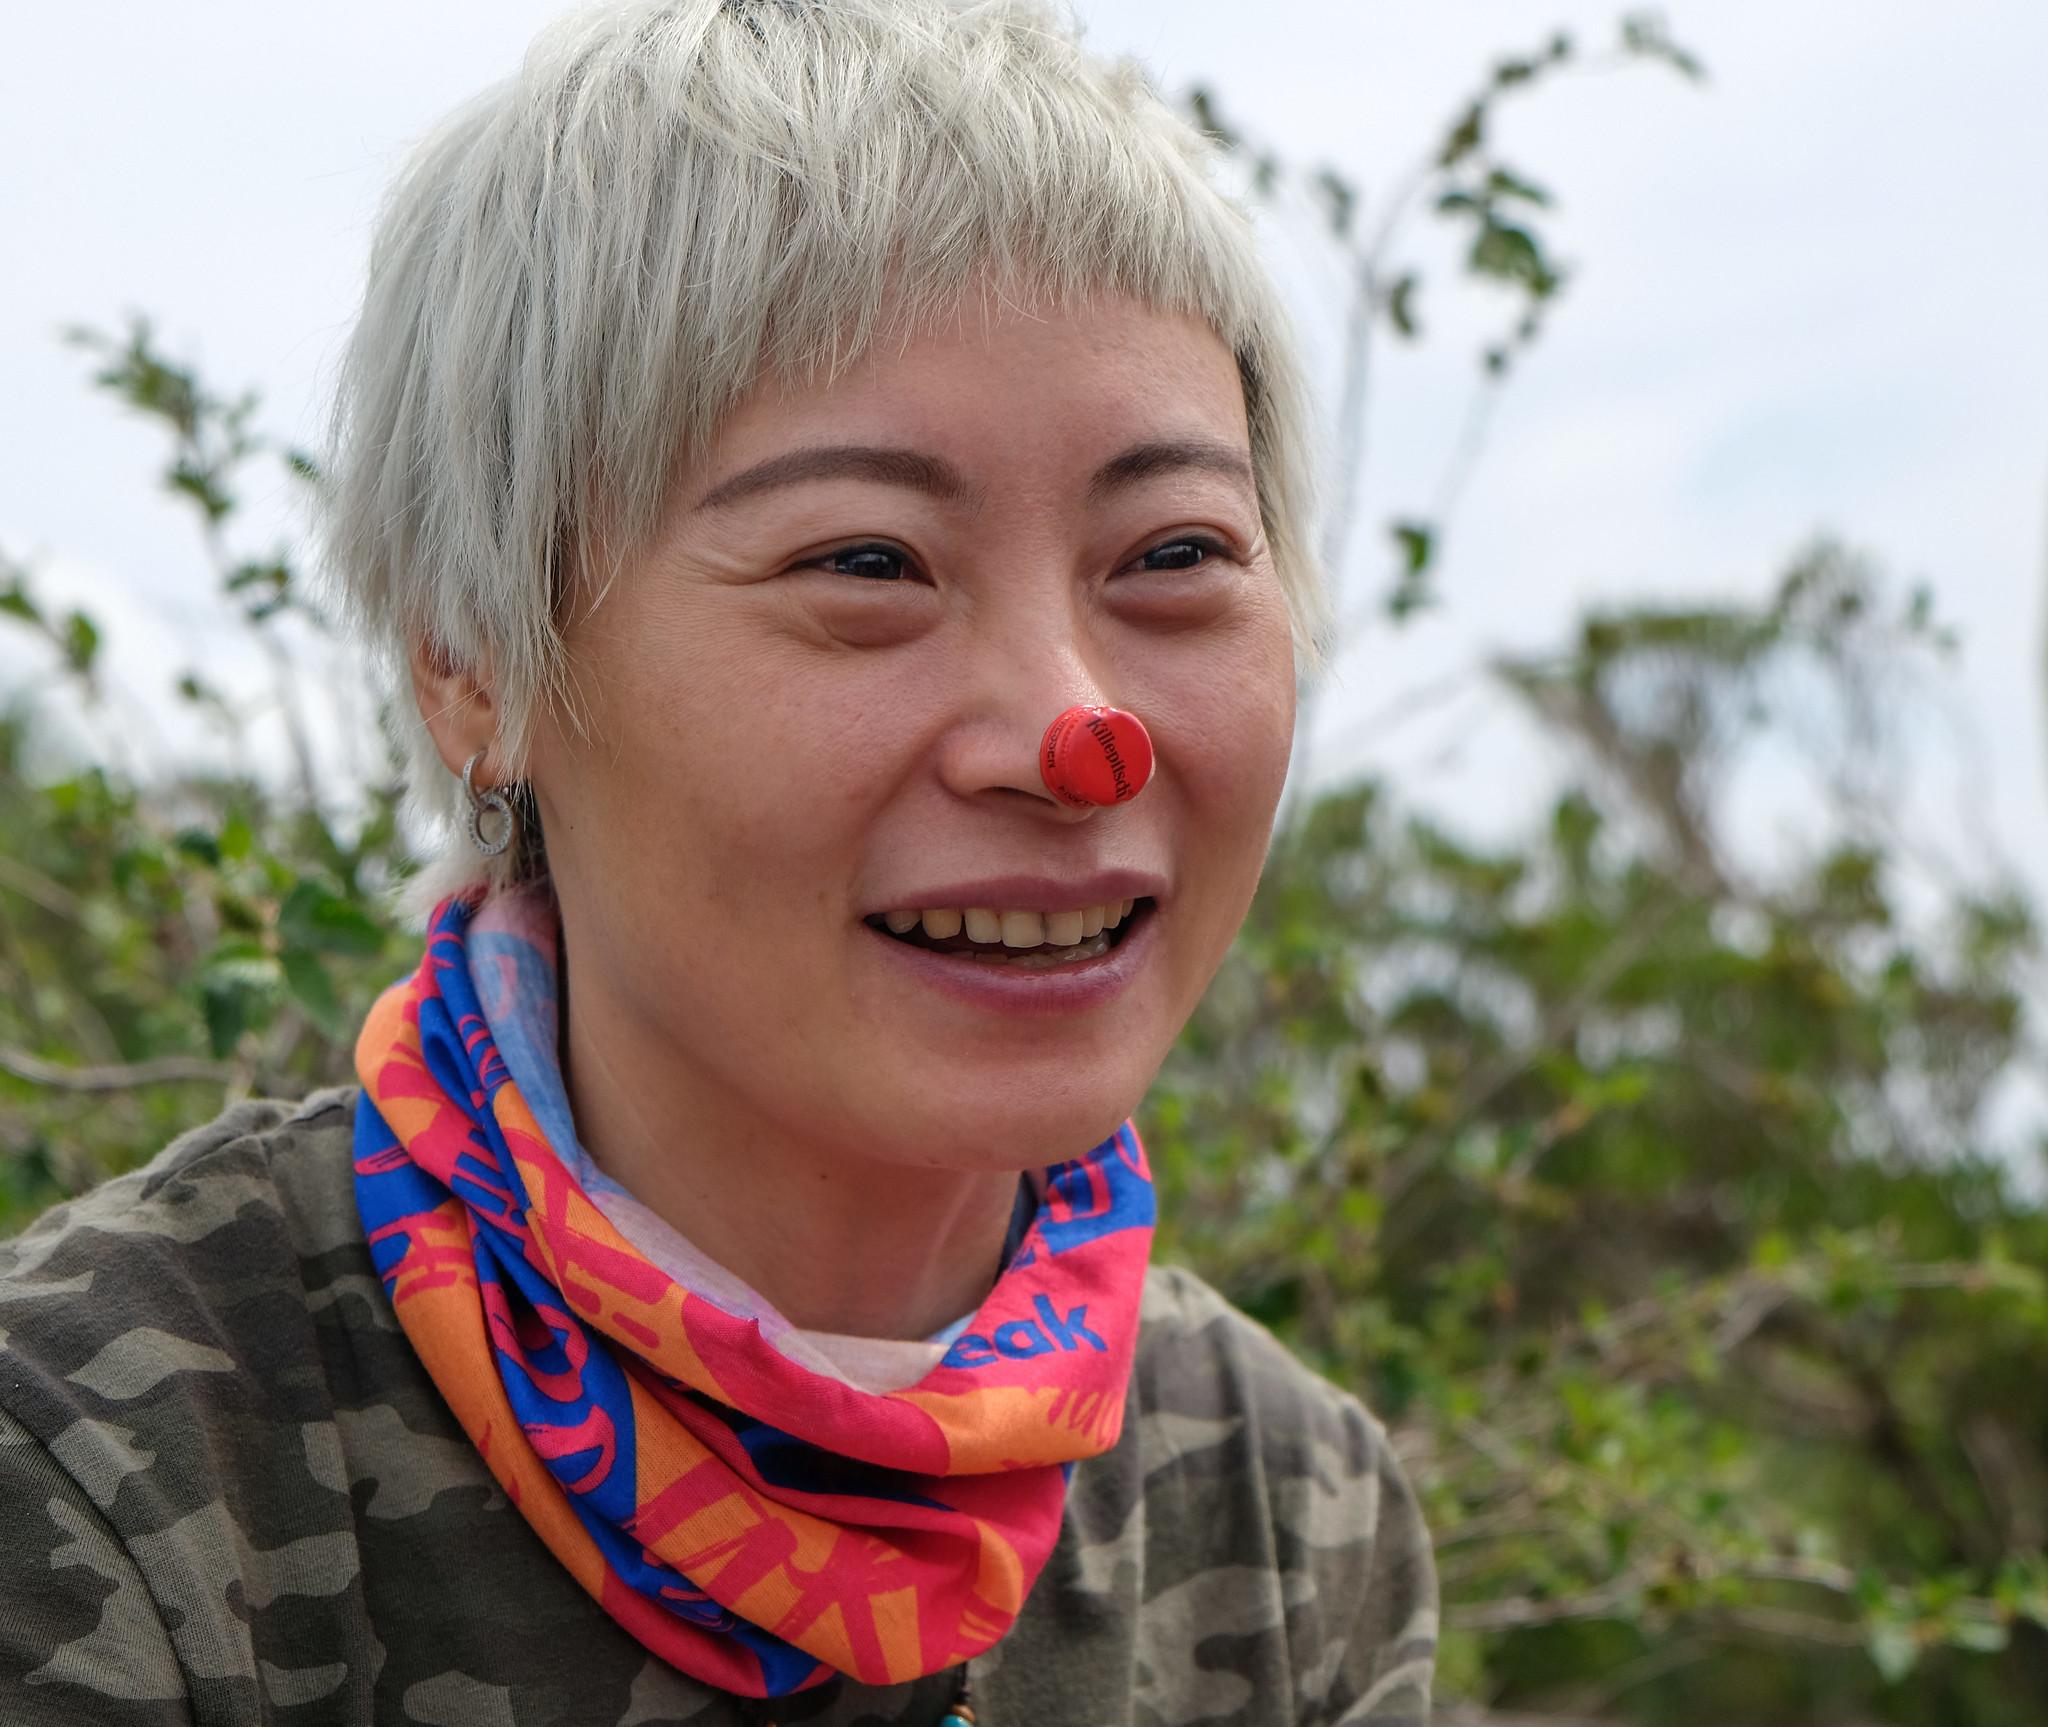 XiaoFei